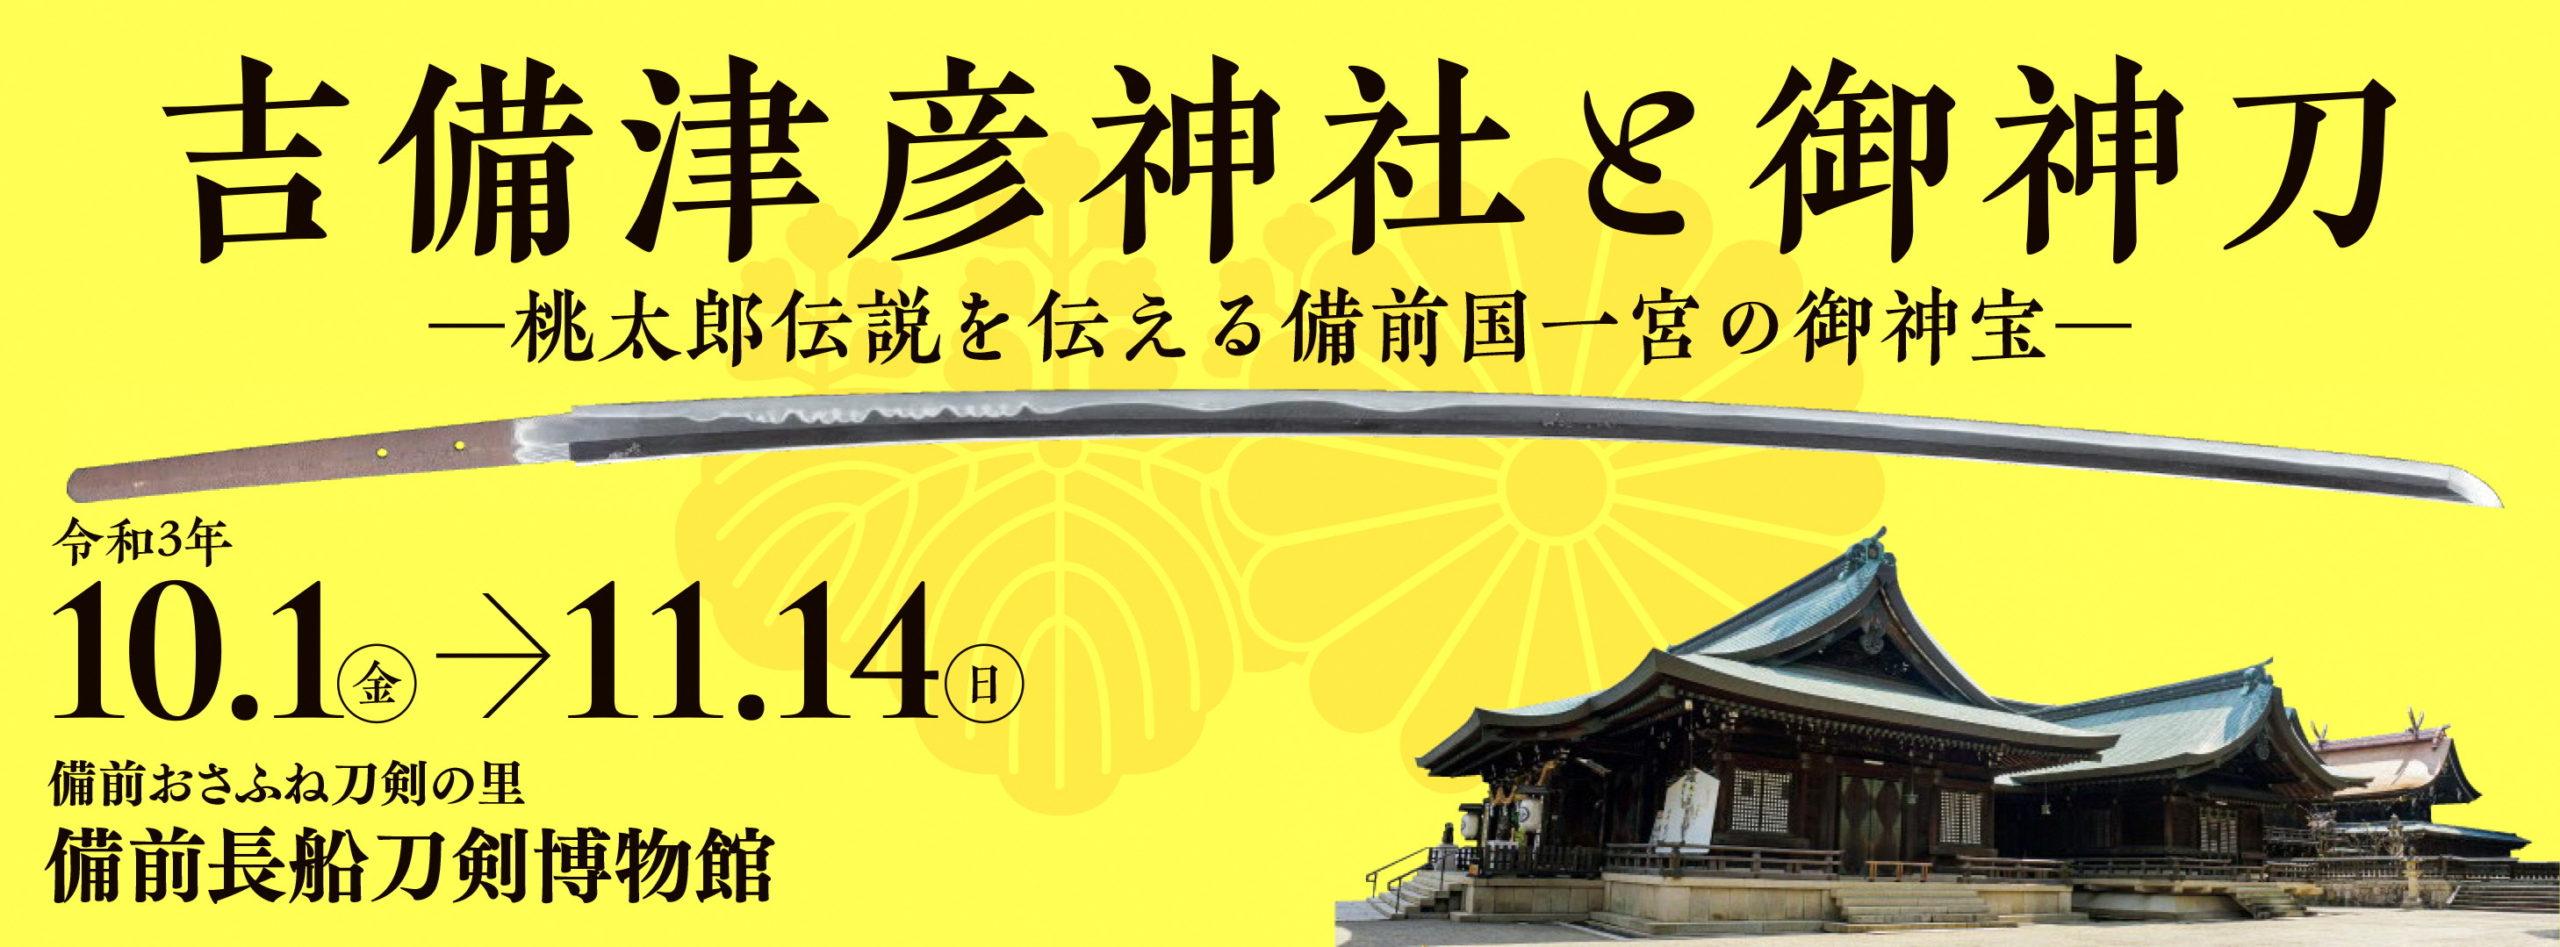 特別展 「吉備津彦神社と御神刀 ‐桃太郎伝説を伝える備前国一宮の御神宝‐」